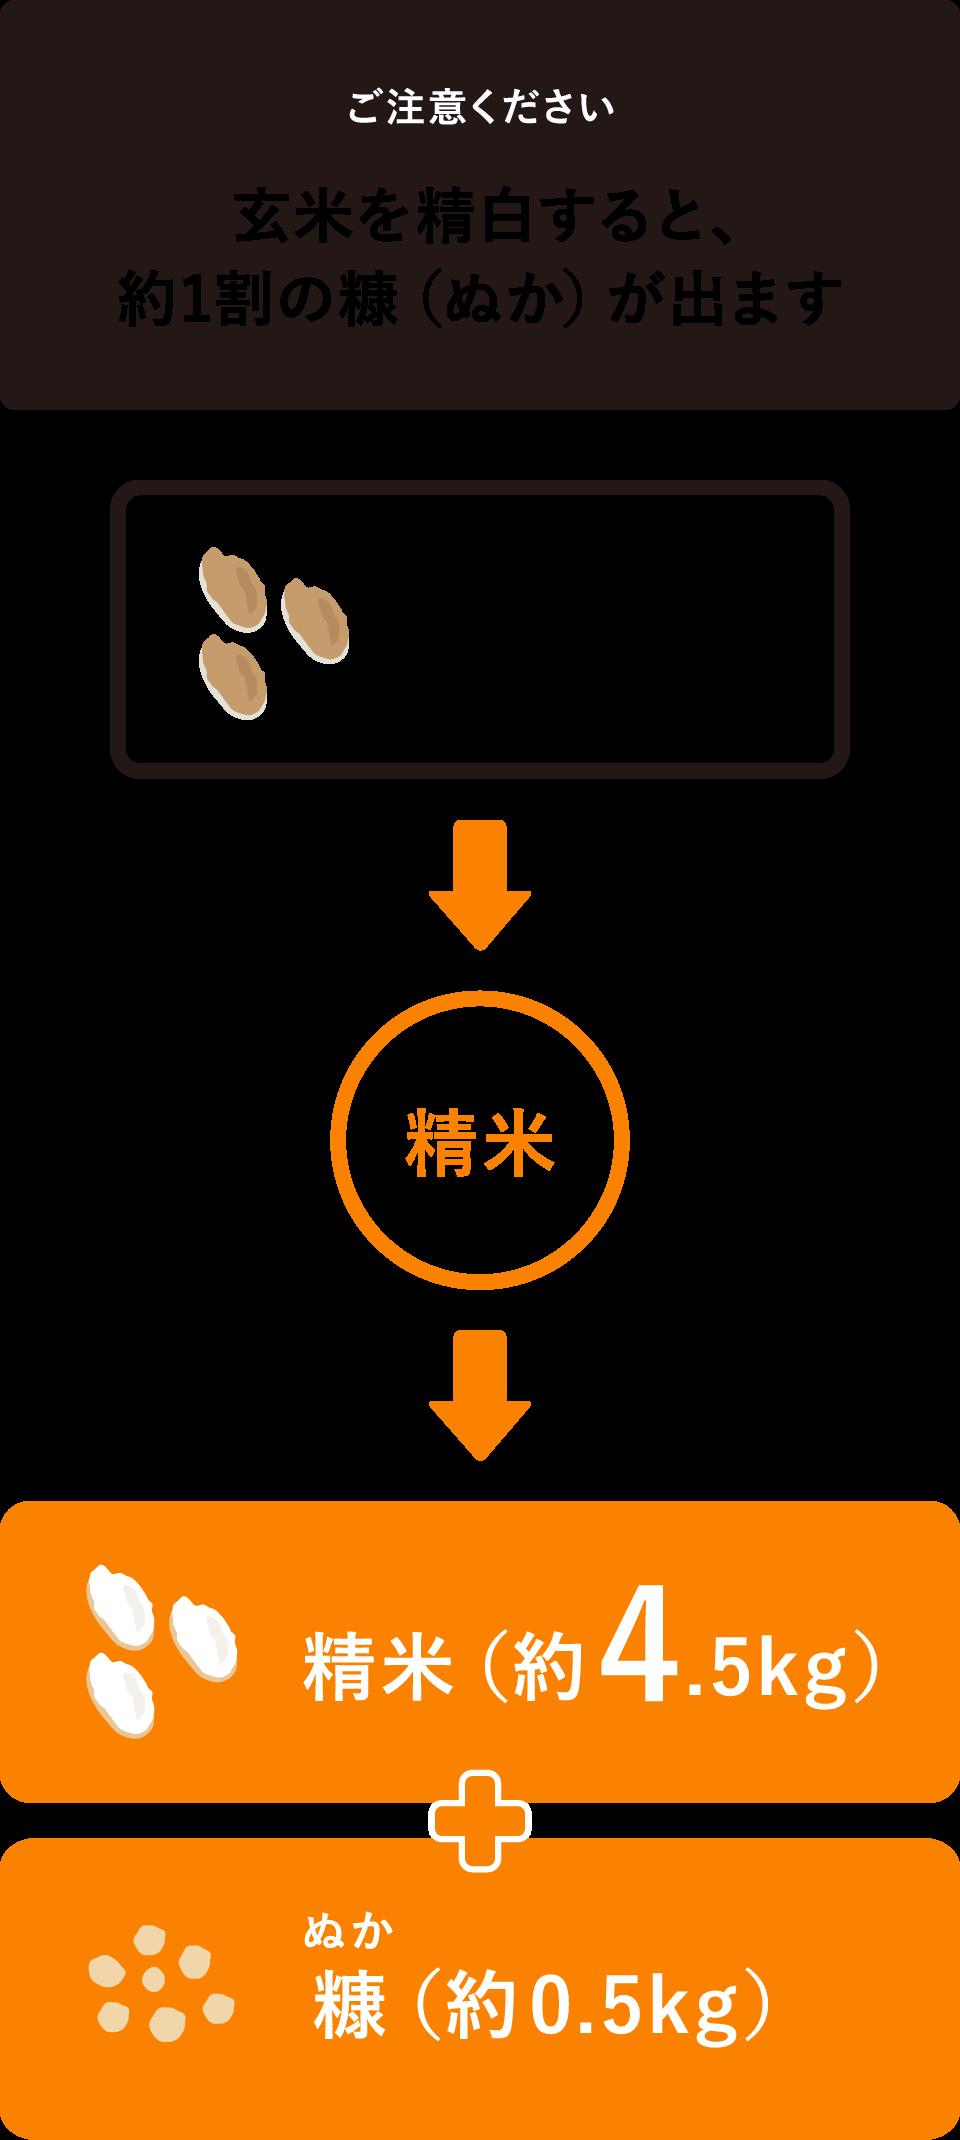 【ご注意ください】玄米を精白すると、約1割の糠(ぬか)が出ます